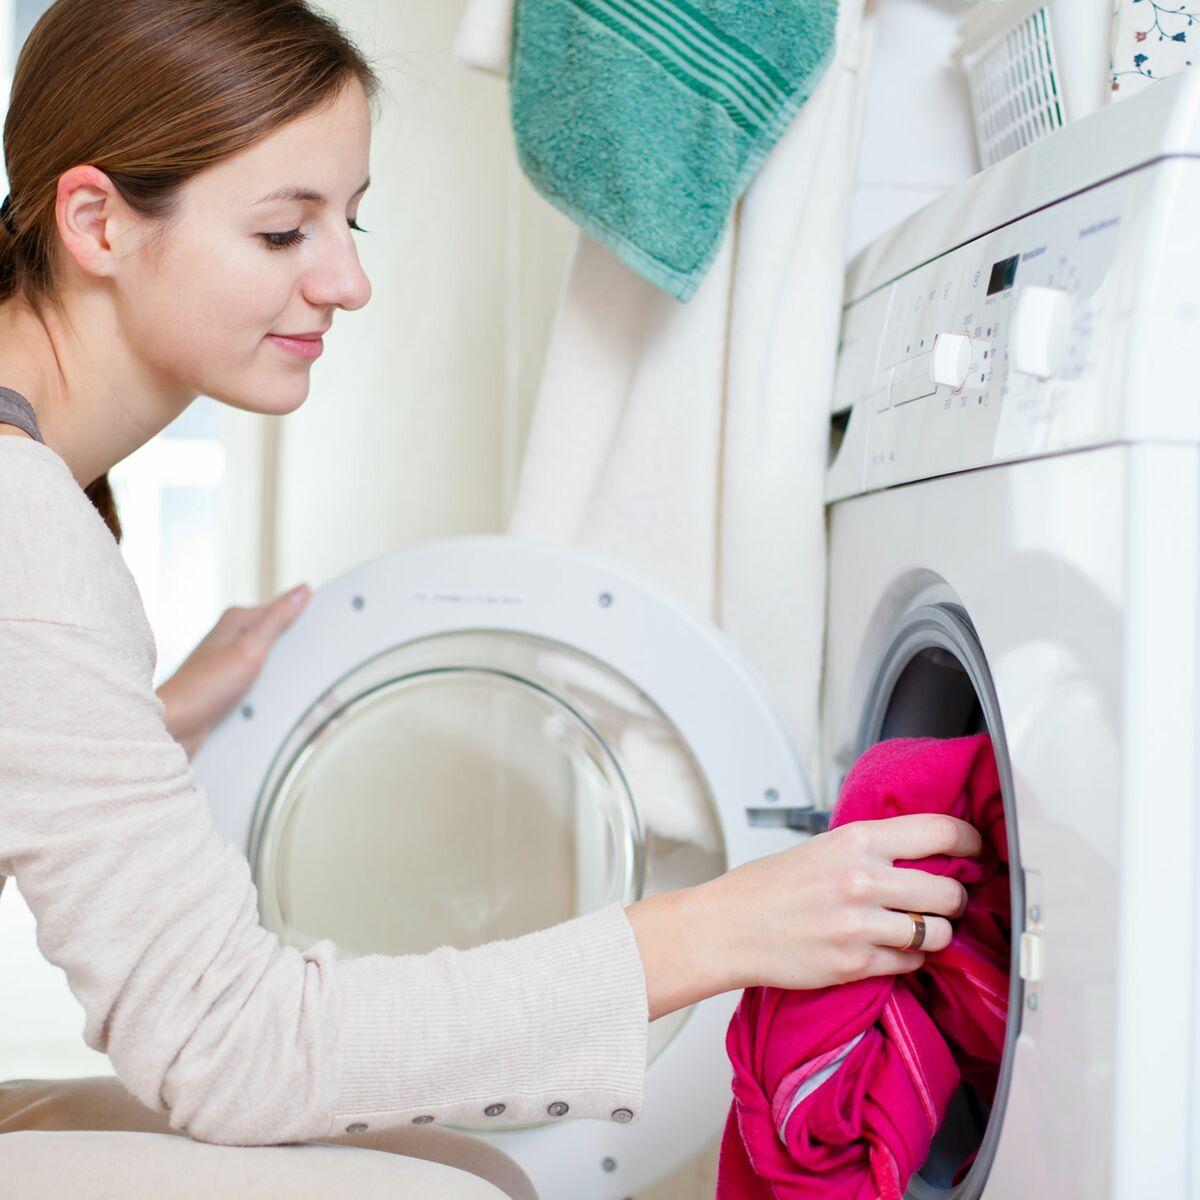 Nettoyage De La Machine À Laver comment bien nettoyer sa machine à laver ? : femme actuelle